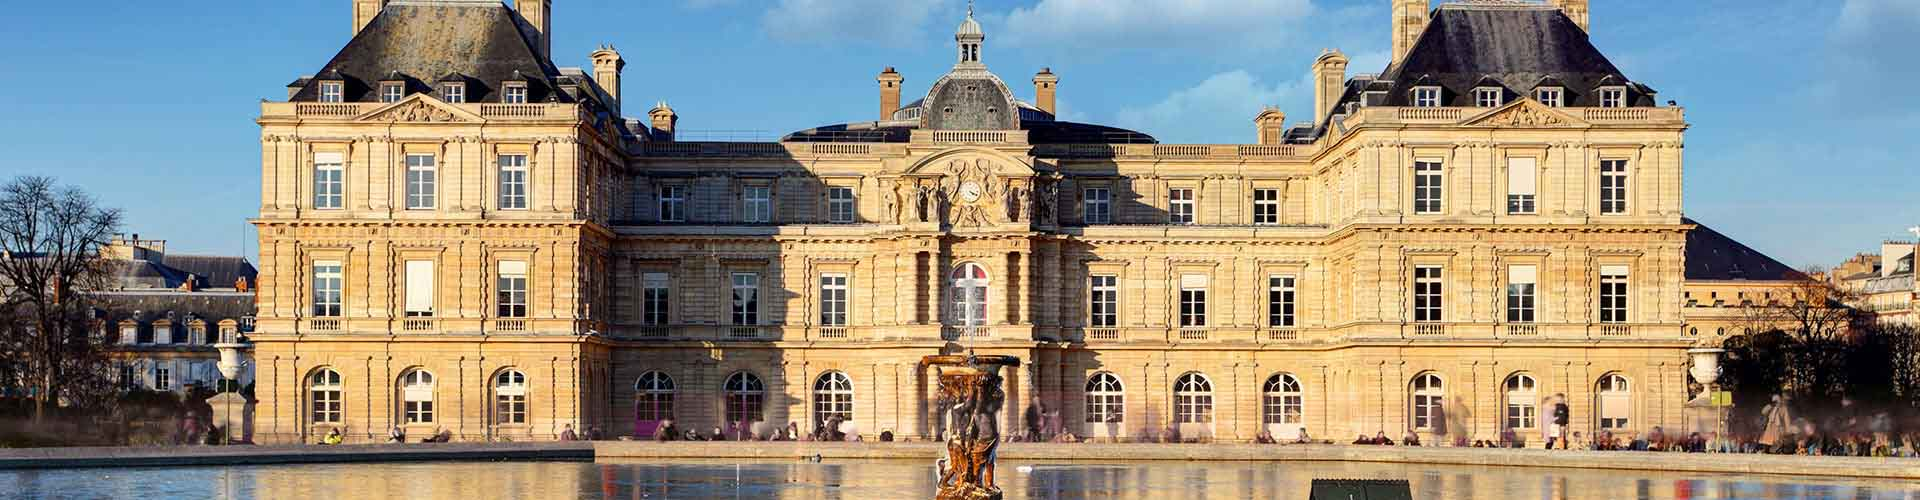 Paris - Auberges de jeunesse près de Palais du Luxembourg. Cartes pour Paris, photos et commentaires pour chaque auberge de jeunesse à Paris.